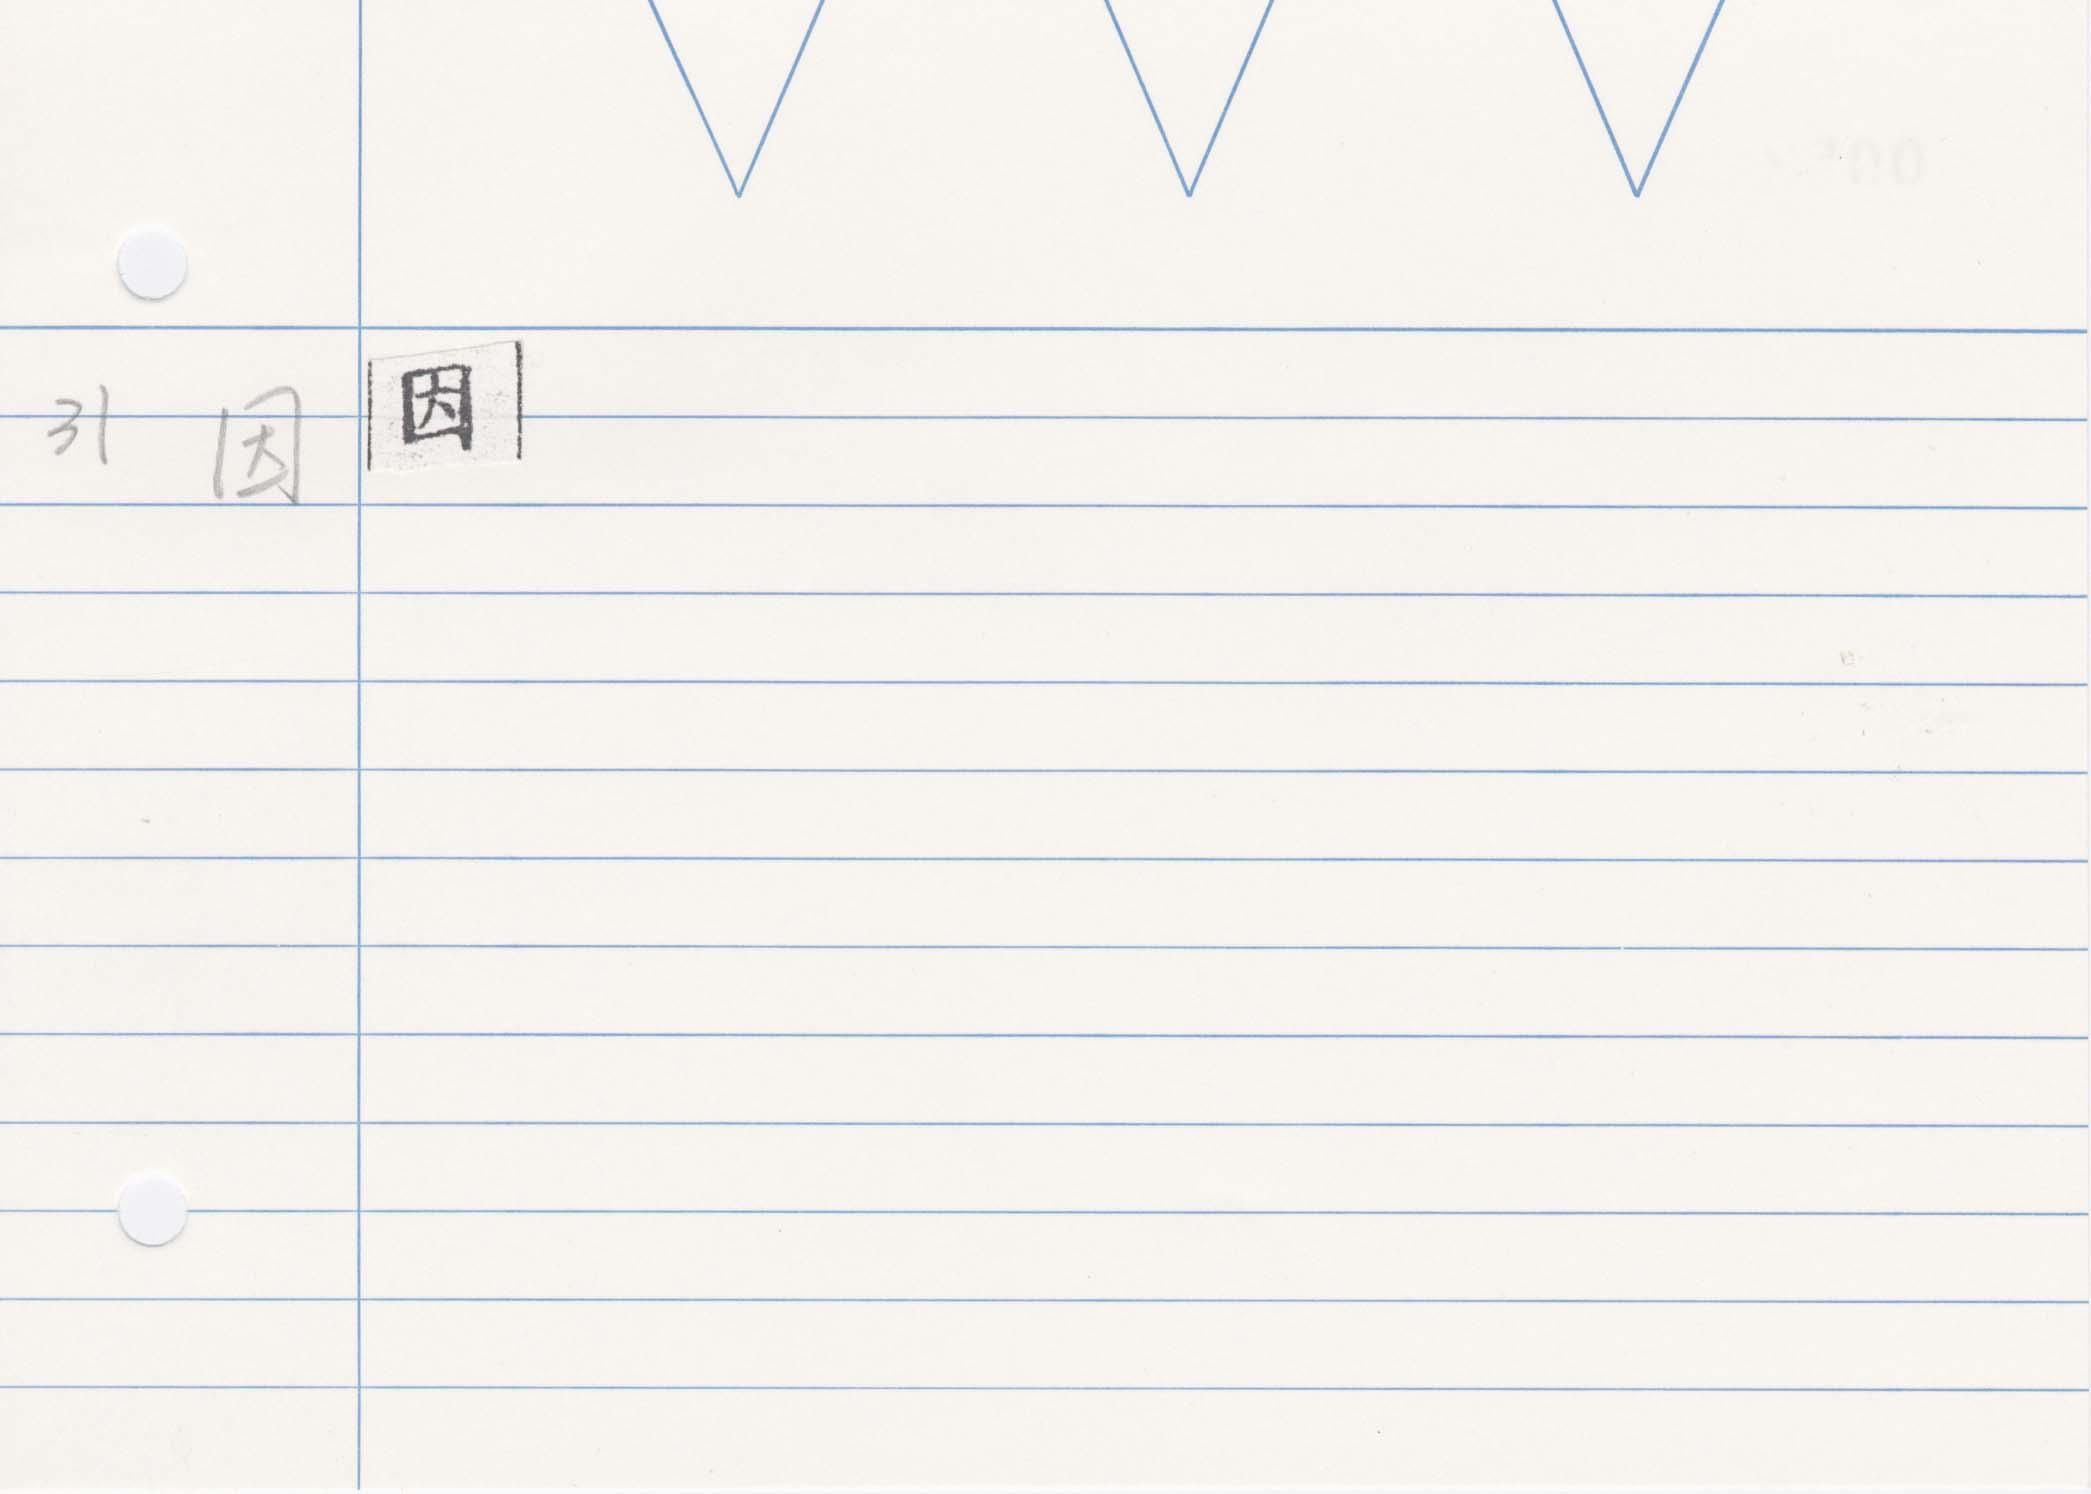 26_齊民要術卷五(高山寺本)/cards/0052.jpg